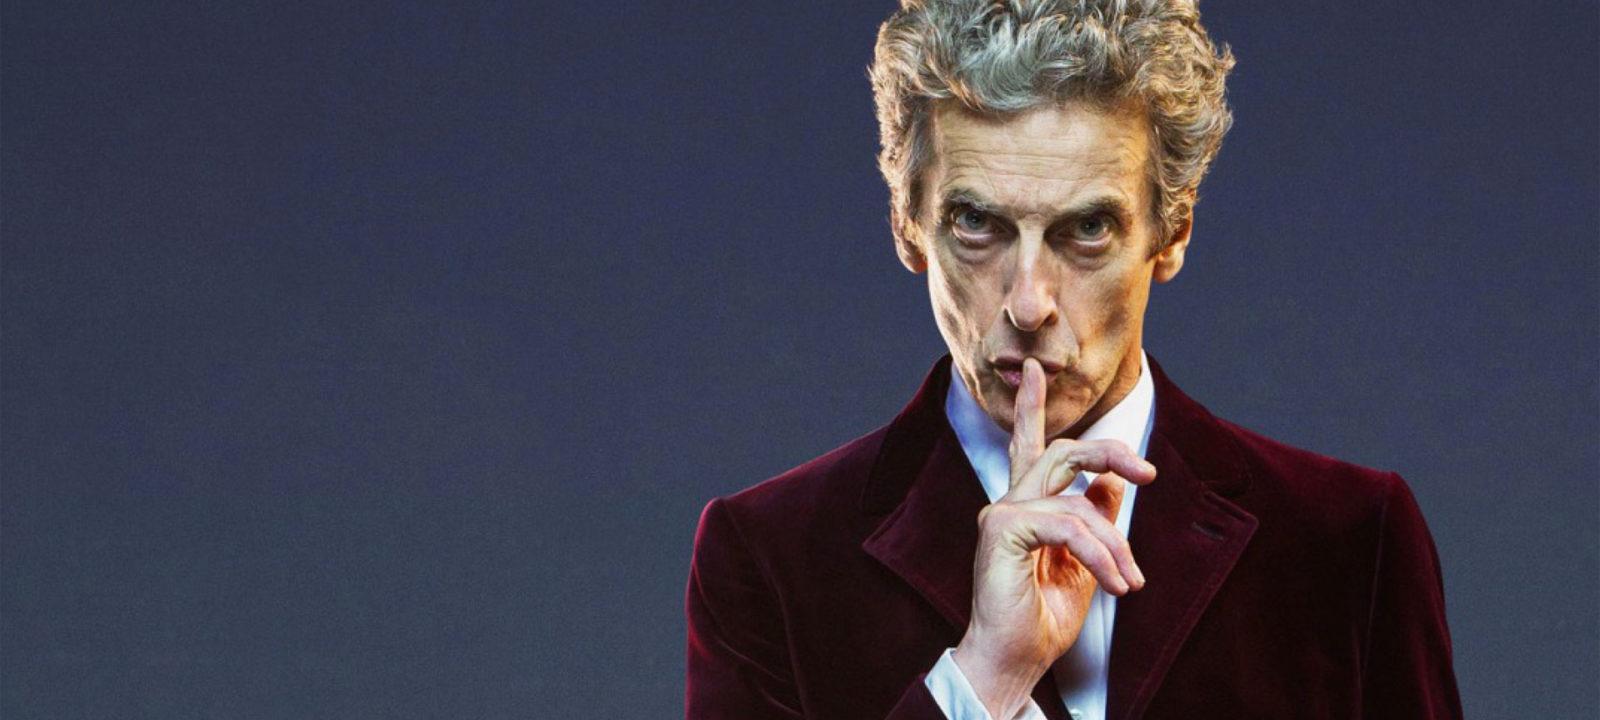 Peter Capaldi  (Photo: BBC)